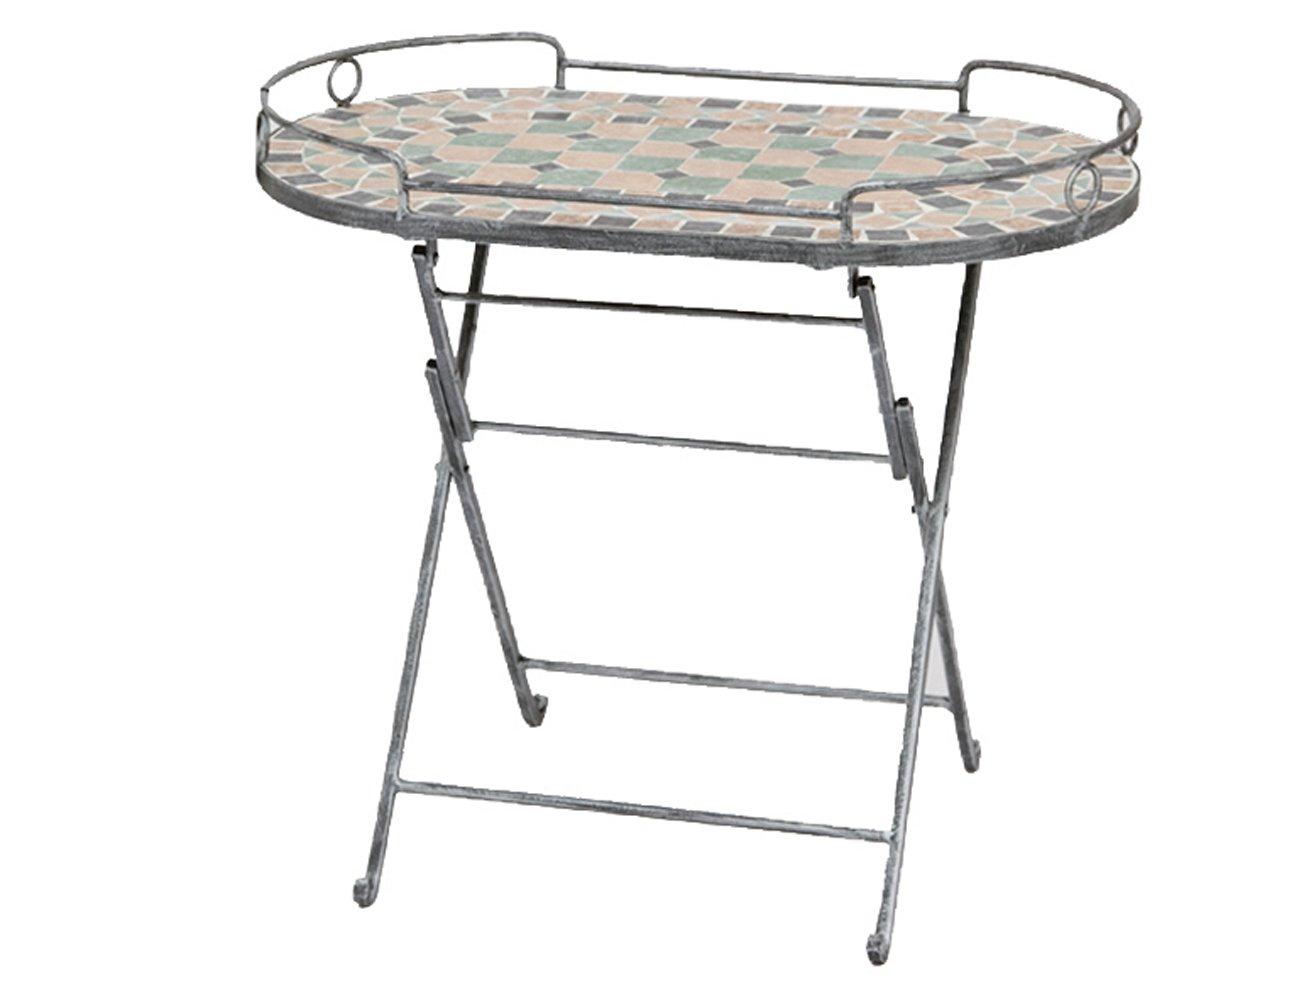 Siena Garden 246956 Serviertisch Fiore, Gestell silber-schwarz matt, Mosaik in der Platte, L 68 x B 41 x H 60 cm günstig online kaufen